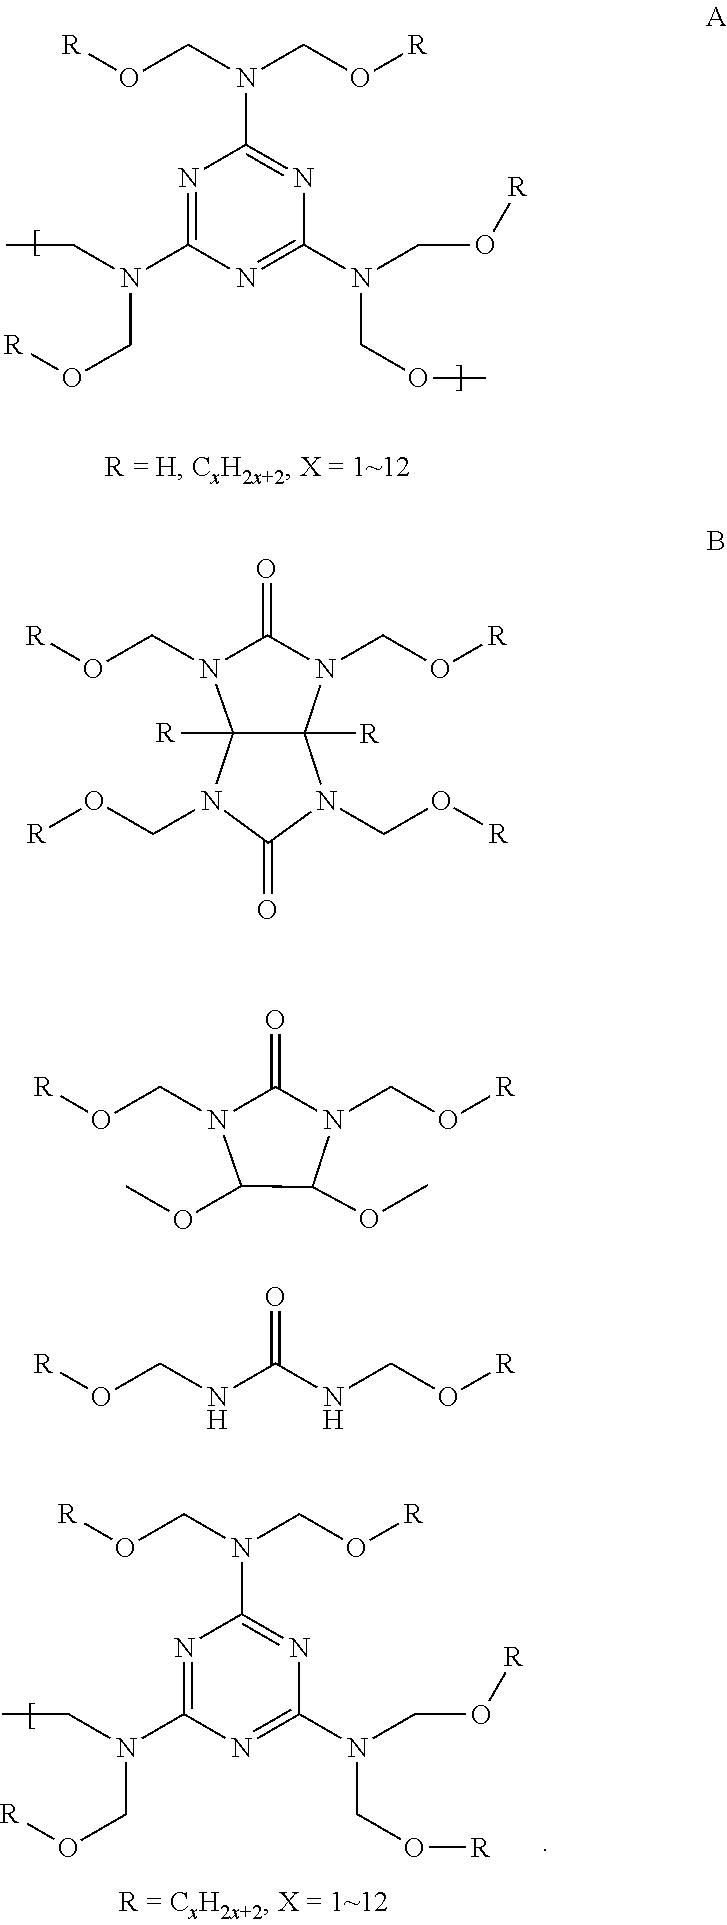 Figure US09640396-20170502-C00007